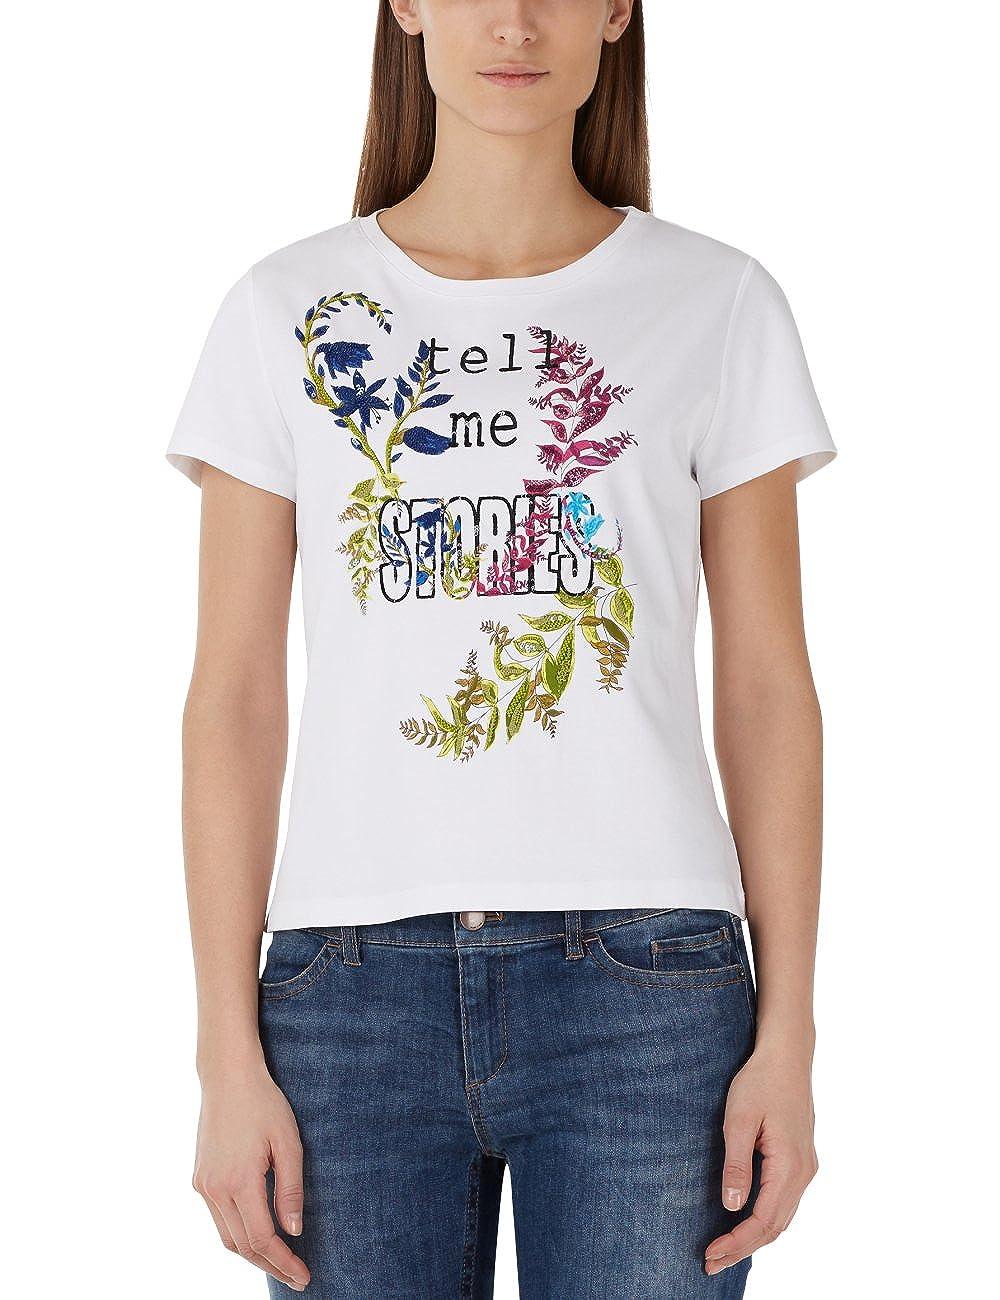 Marc Cain Collections Collections Collections Damen T-Shirt B077S8KD6N T-Shirts Authentische Garantie cc3722